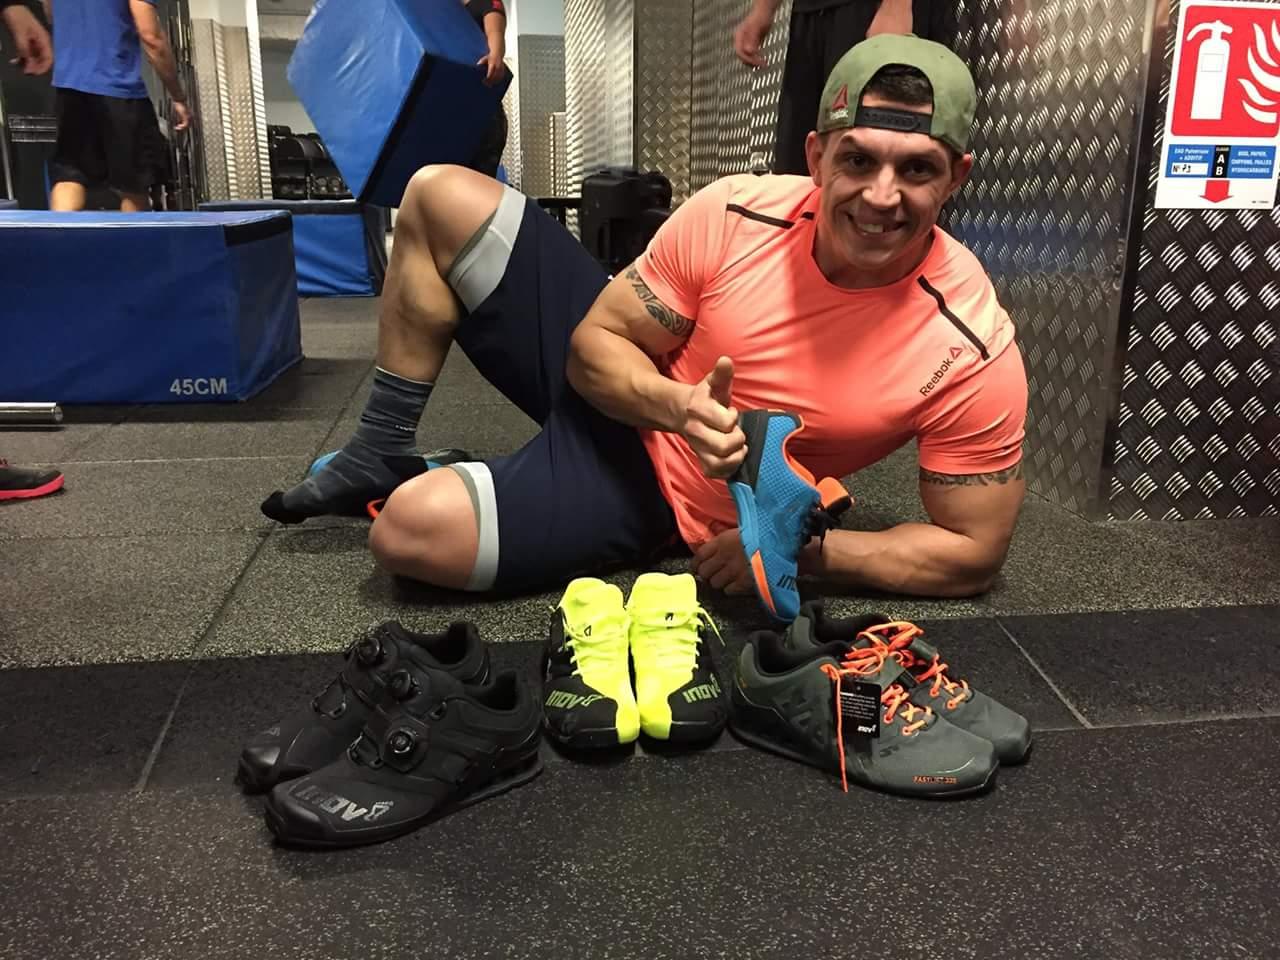 Le retour d'Alexandre Jolivet sur les chaussures Inov-8 F-Lite 235